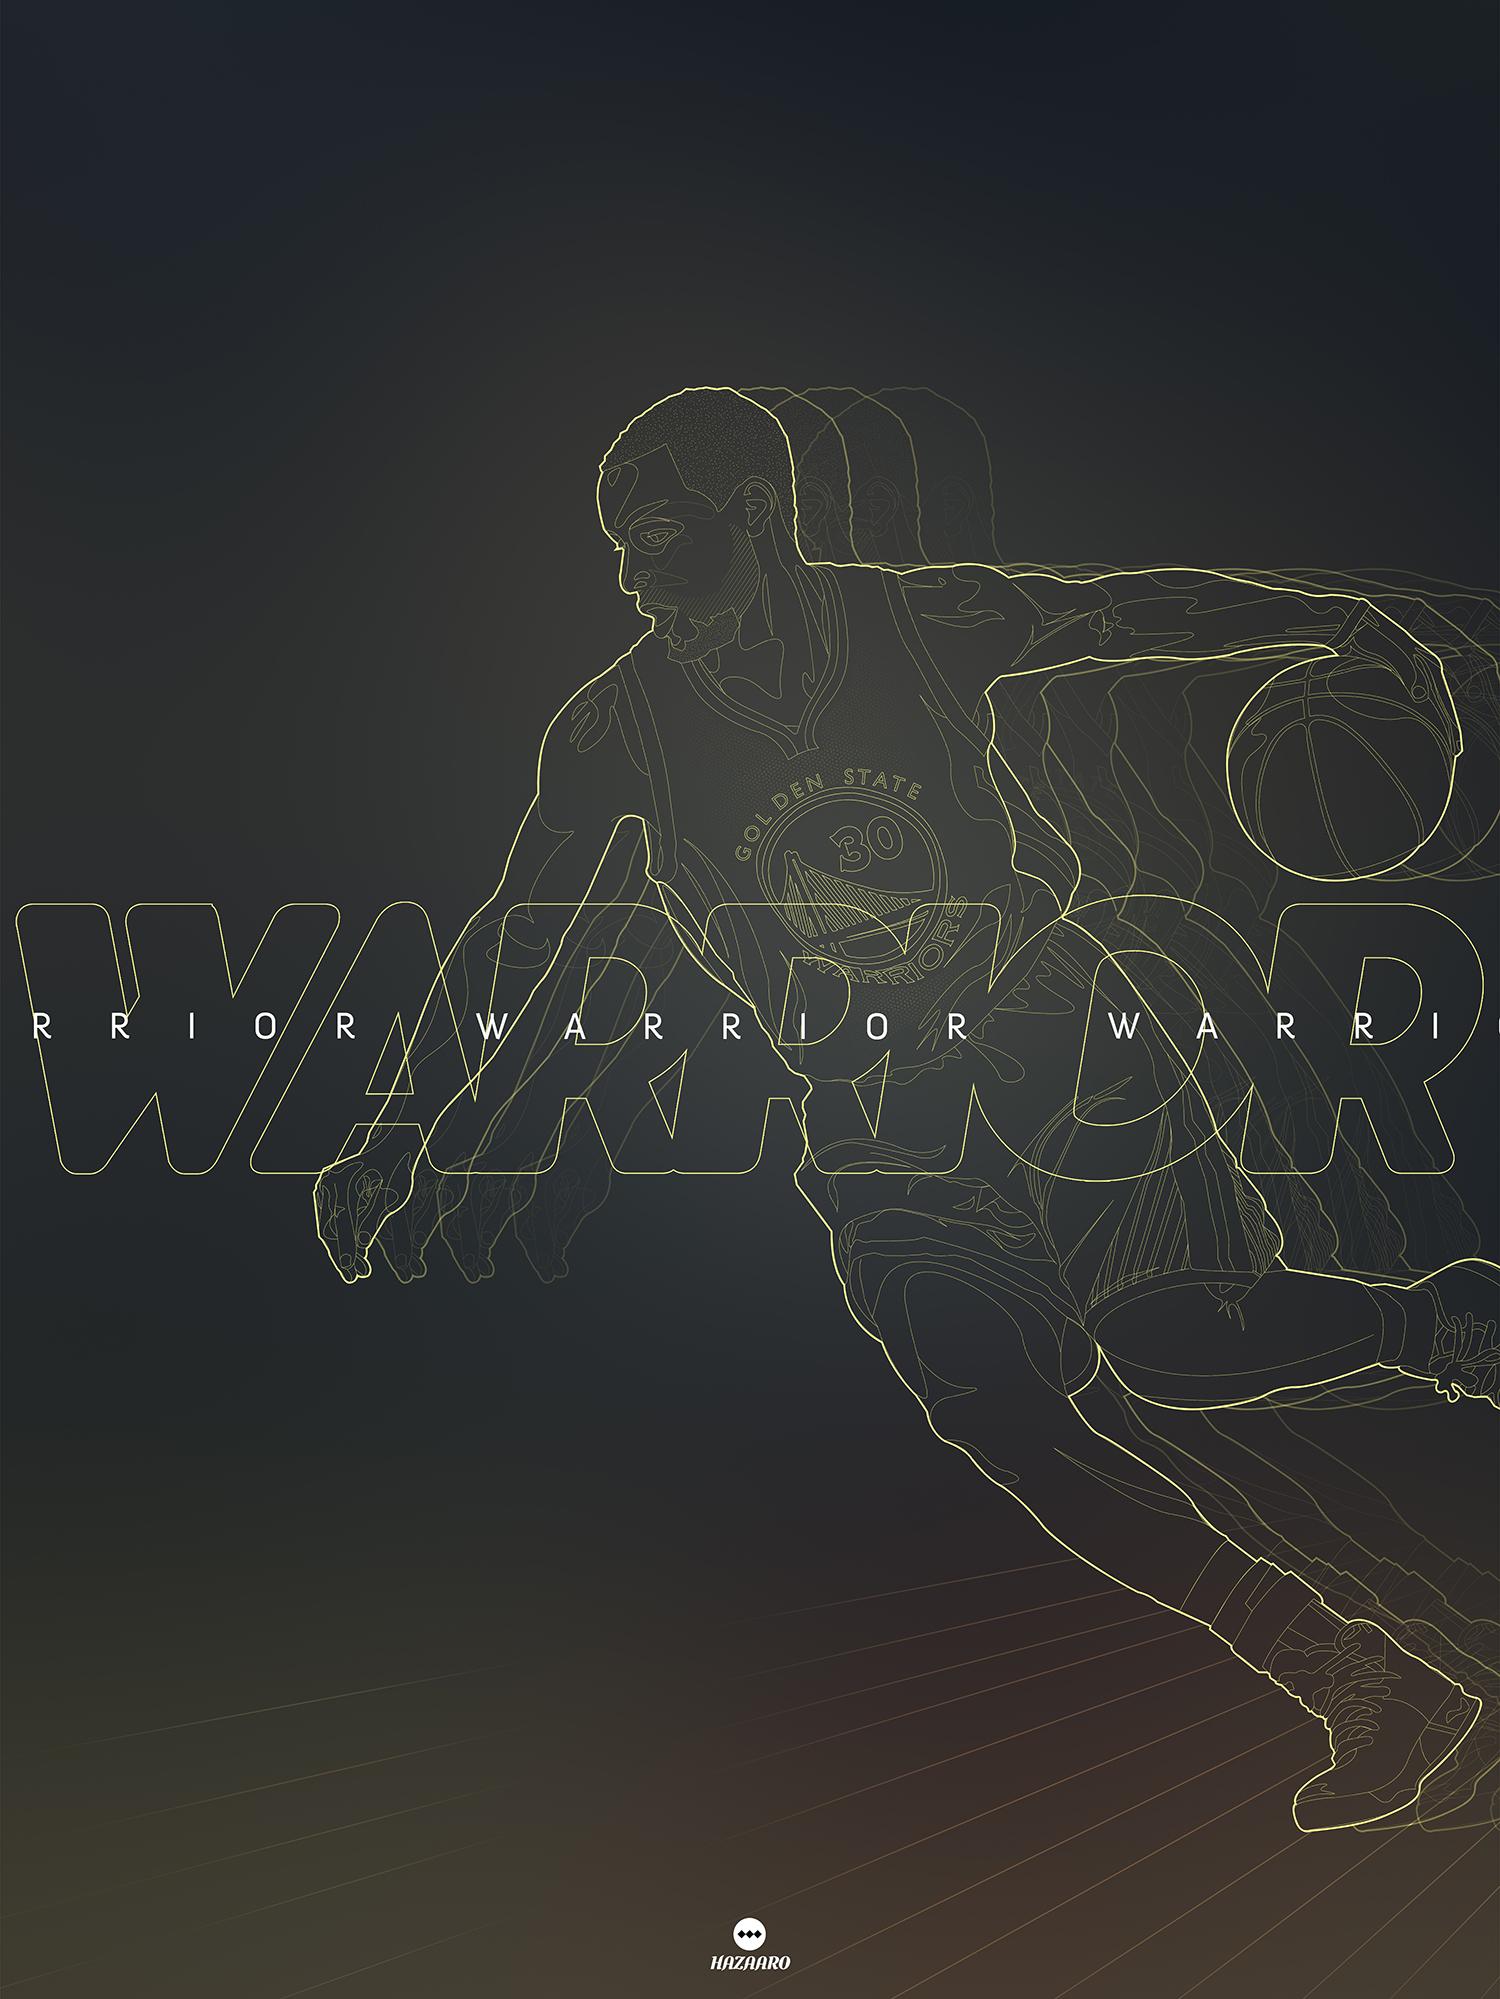 Warrior Final - 18x24.jpg